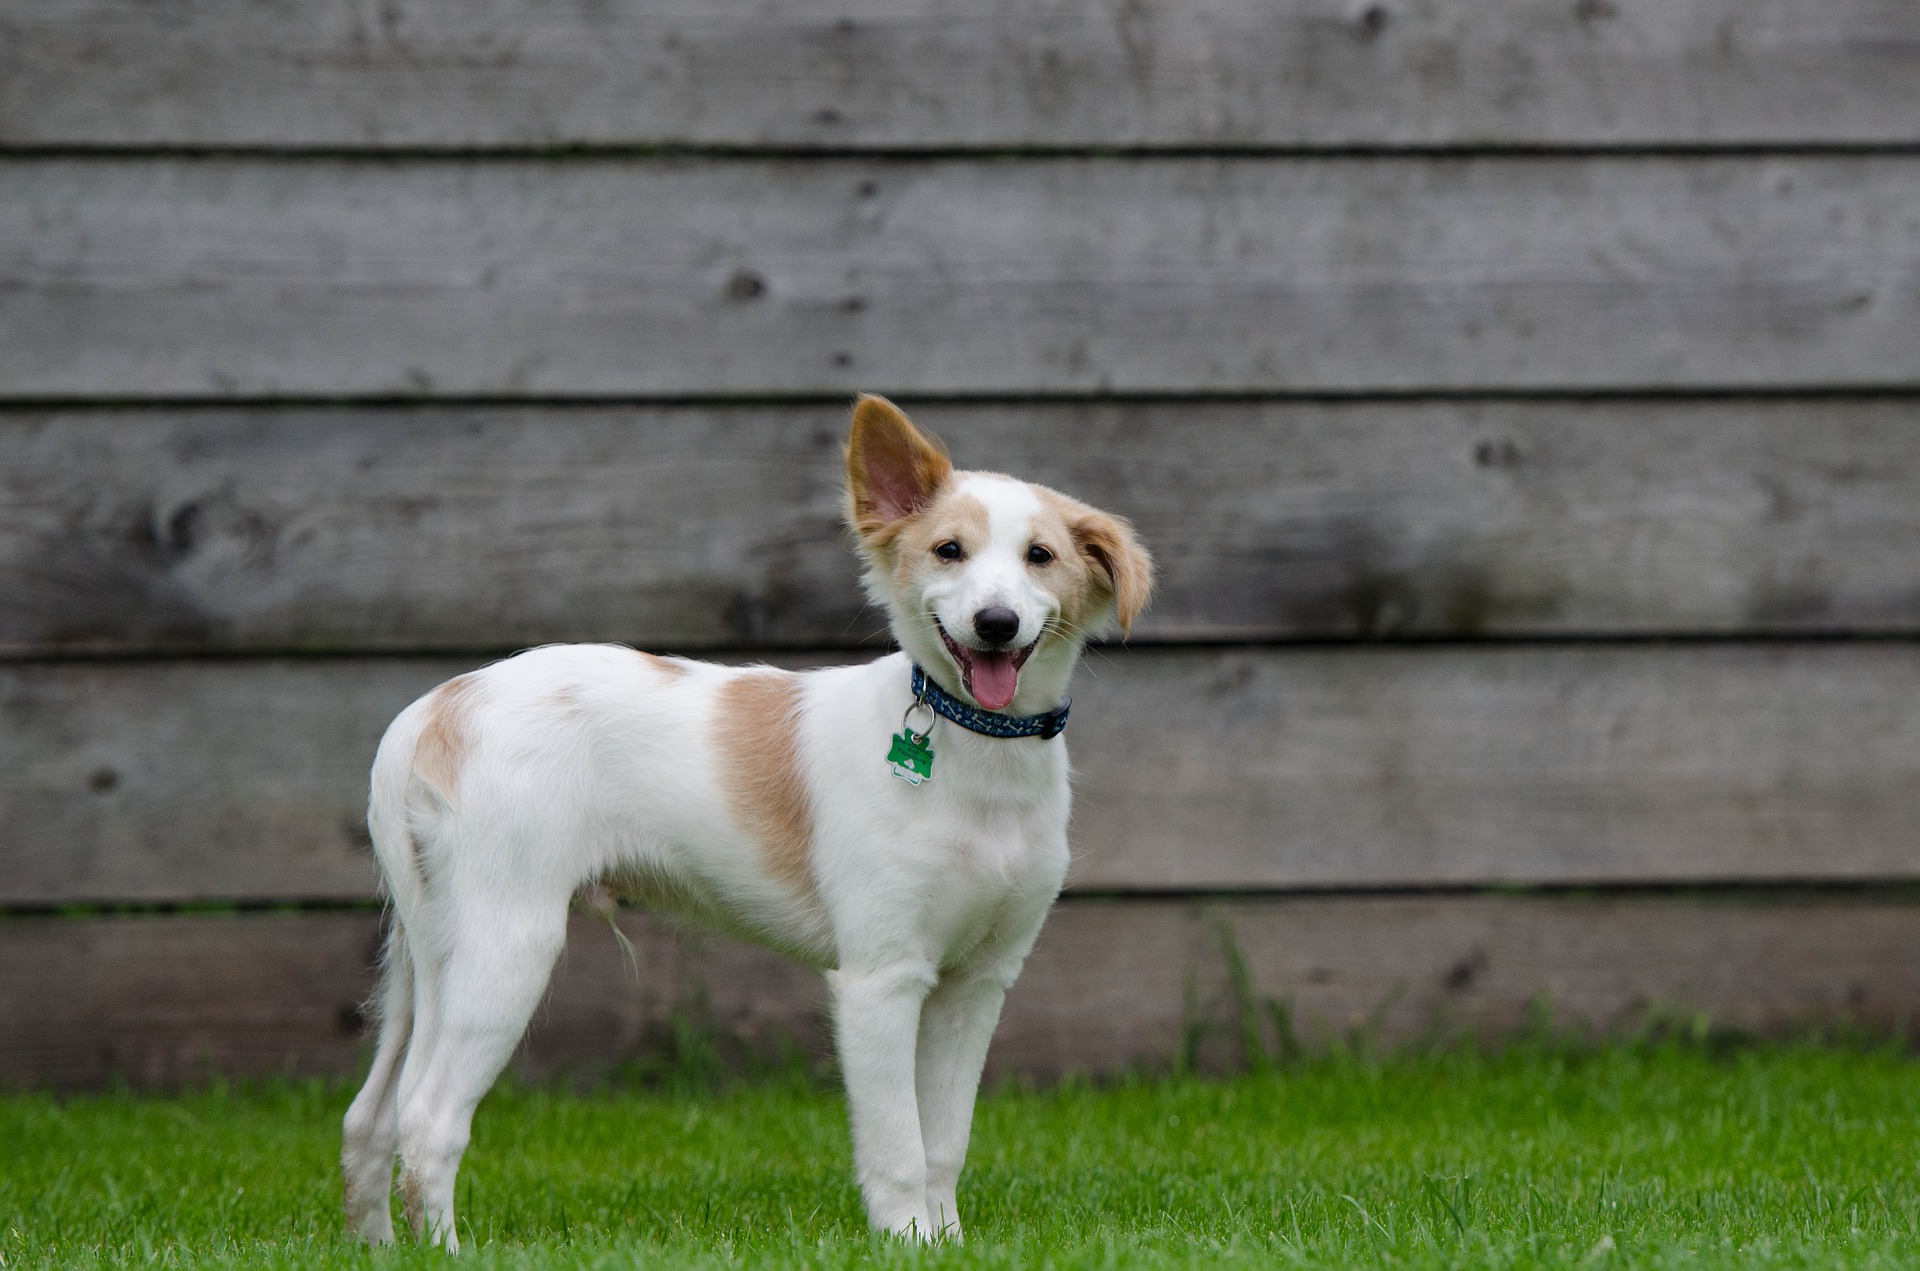 puppy-750629_1920.jpg